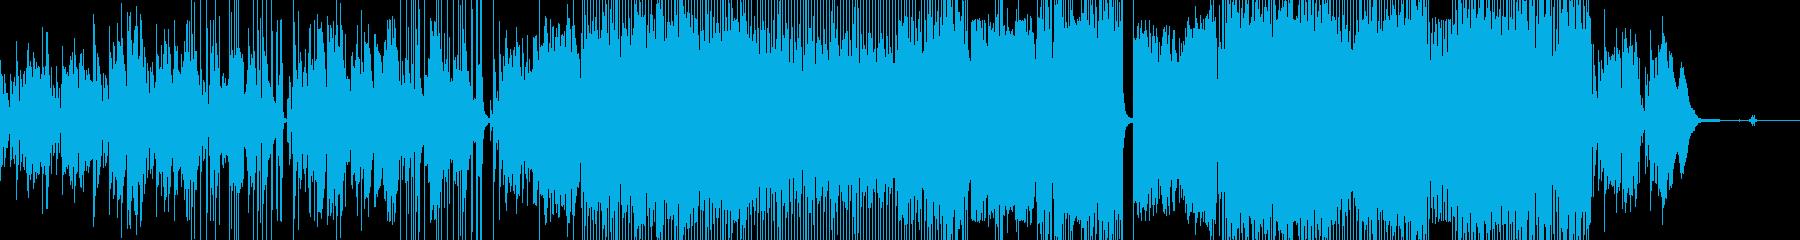 カルテットの再生済みの波形